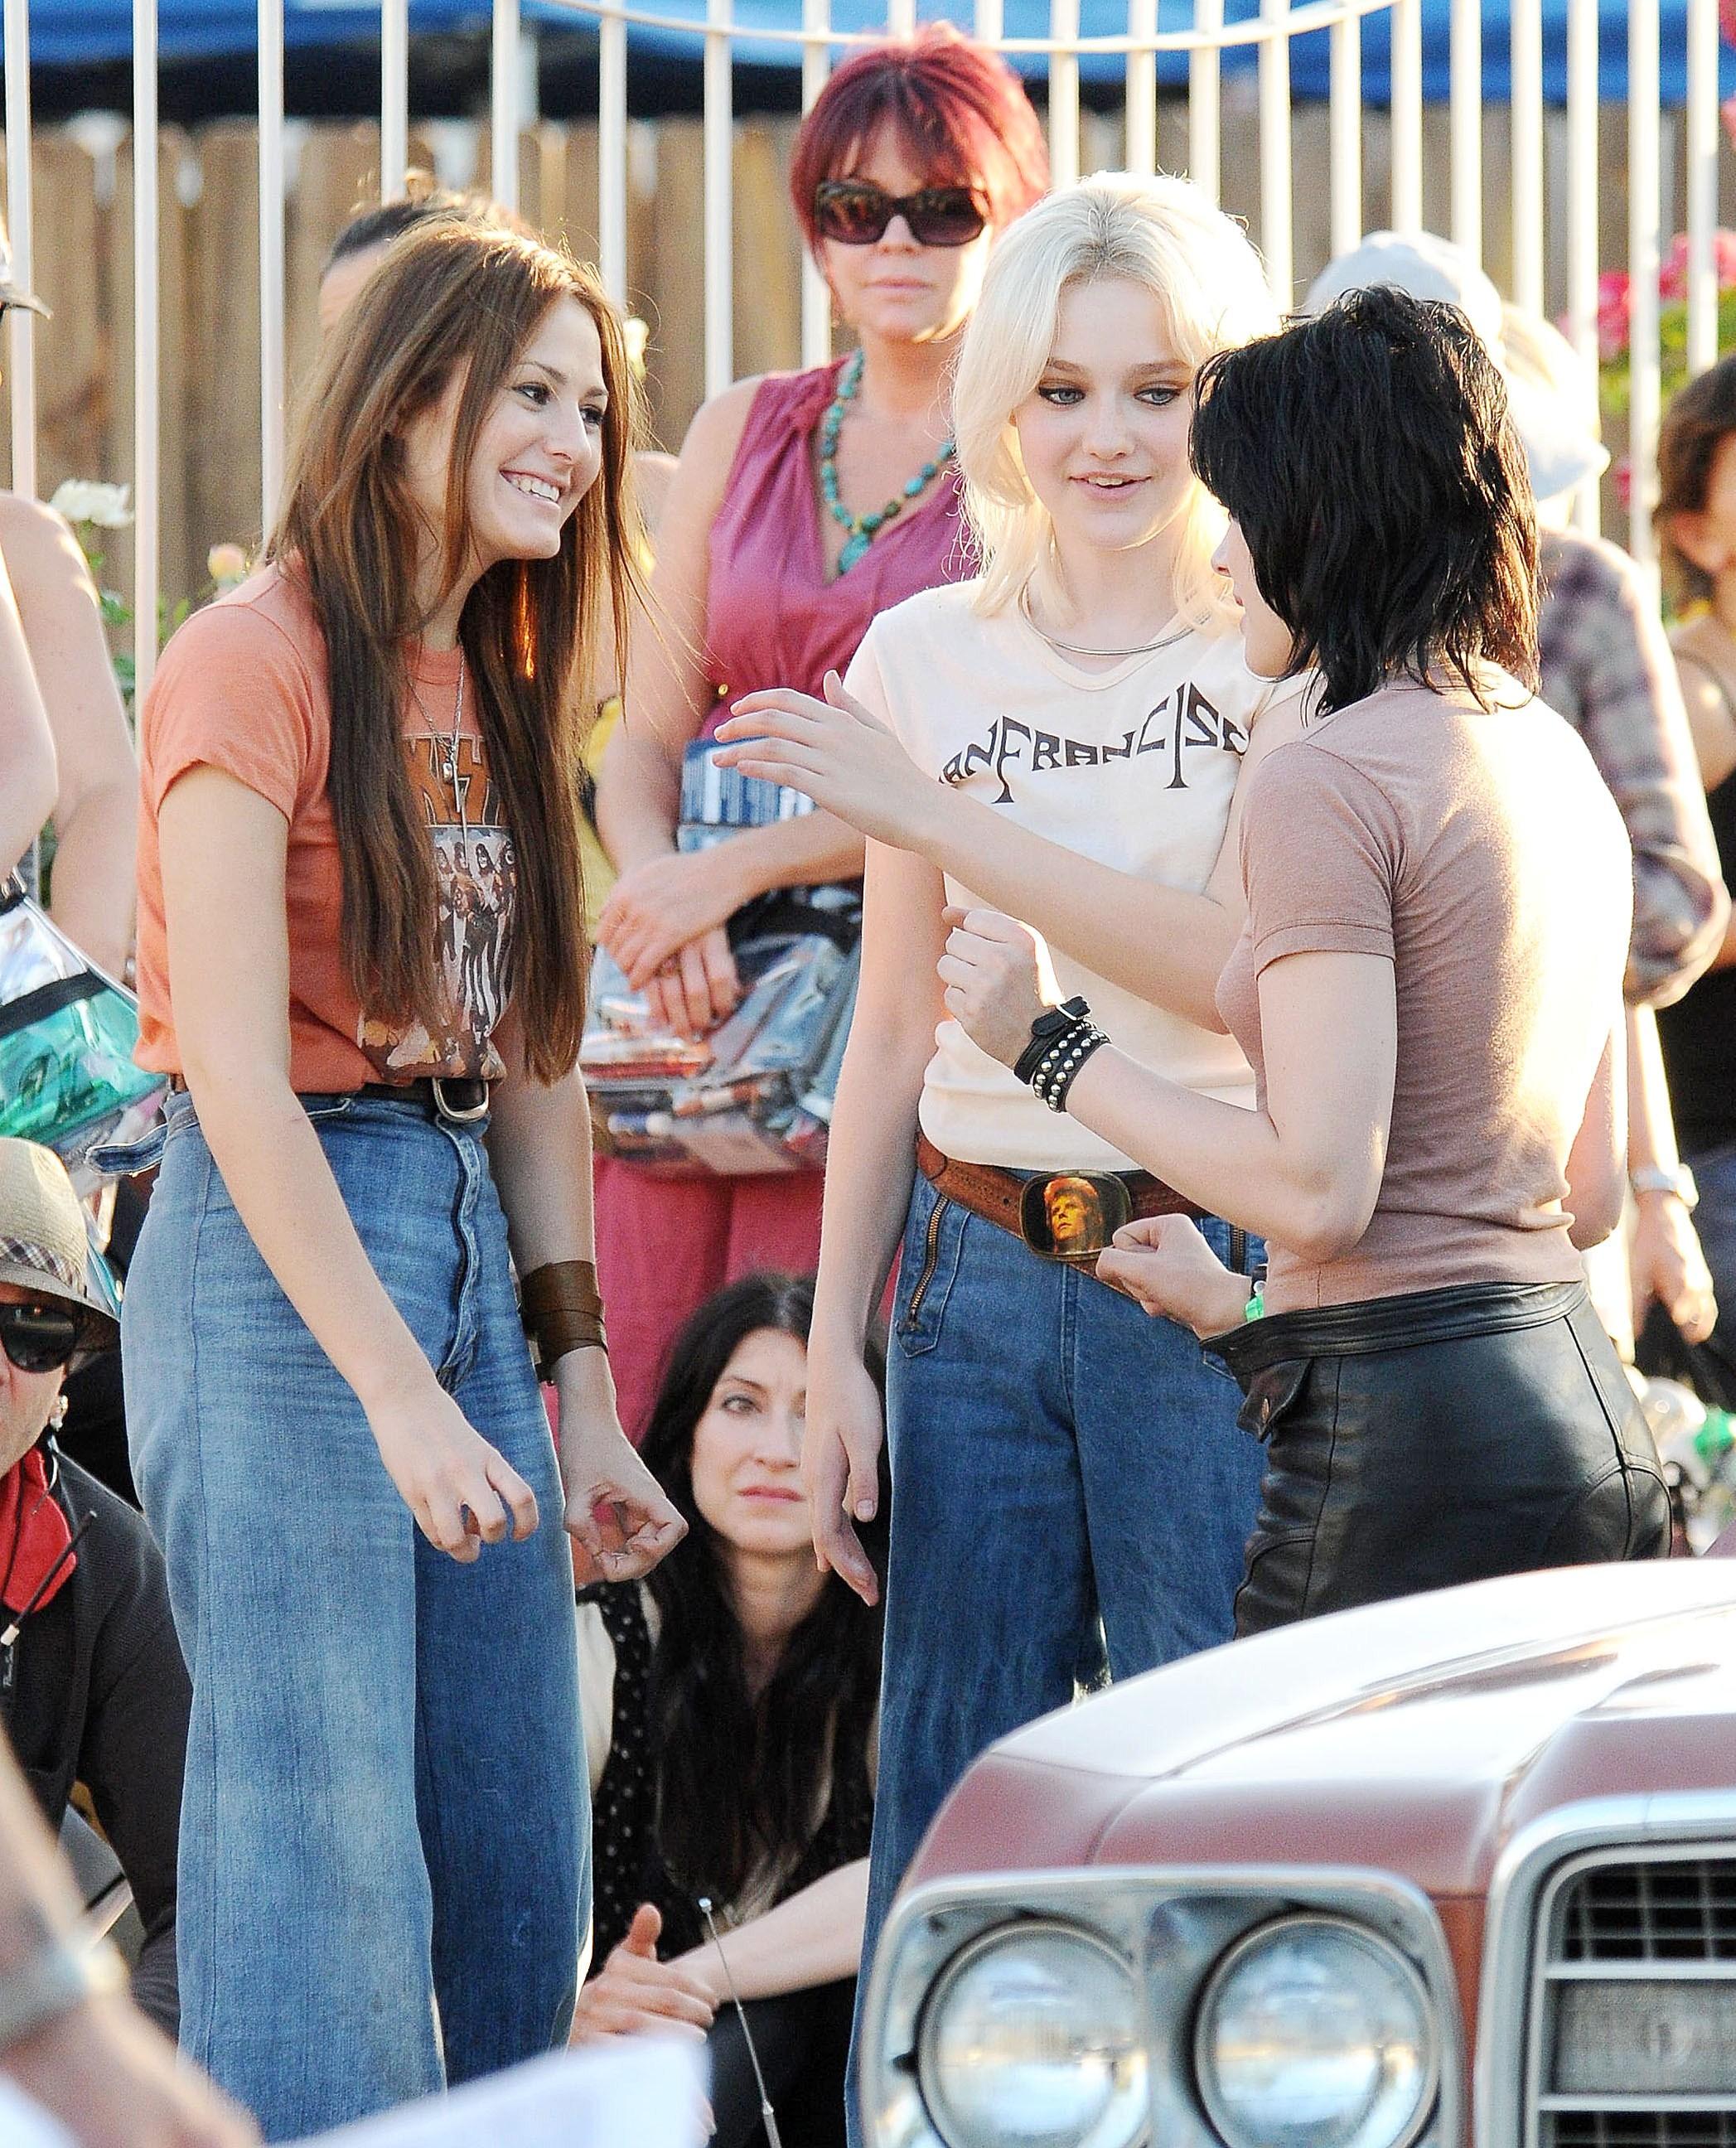 89711_Preppie_-_Kristen_Stewart_and_Dakota_Fanning_on_The_Runaways_set_-_July_22_2009_158_122_879lo.jpg